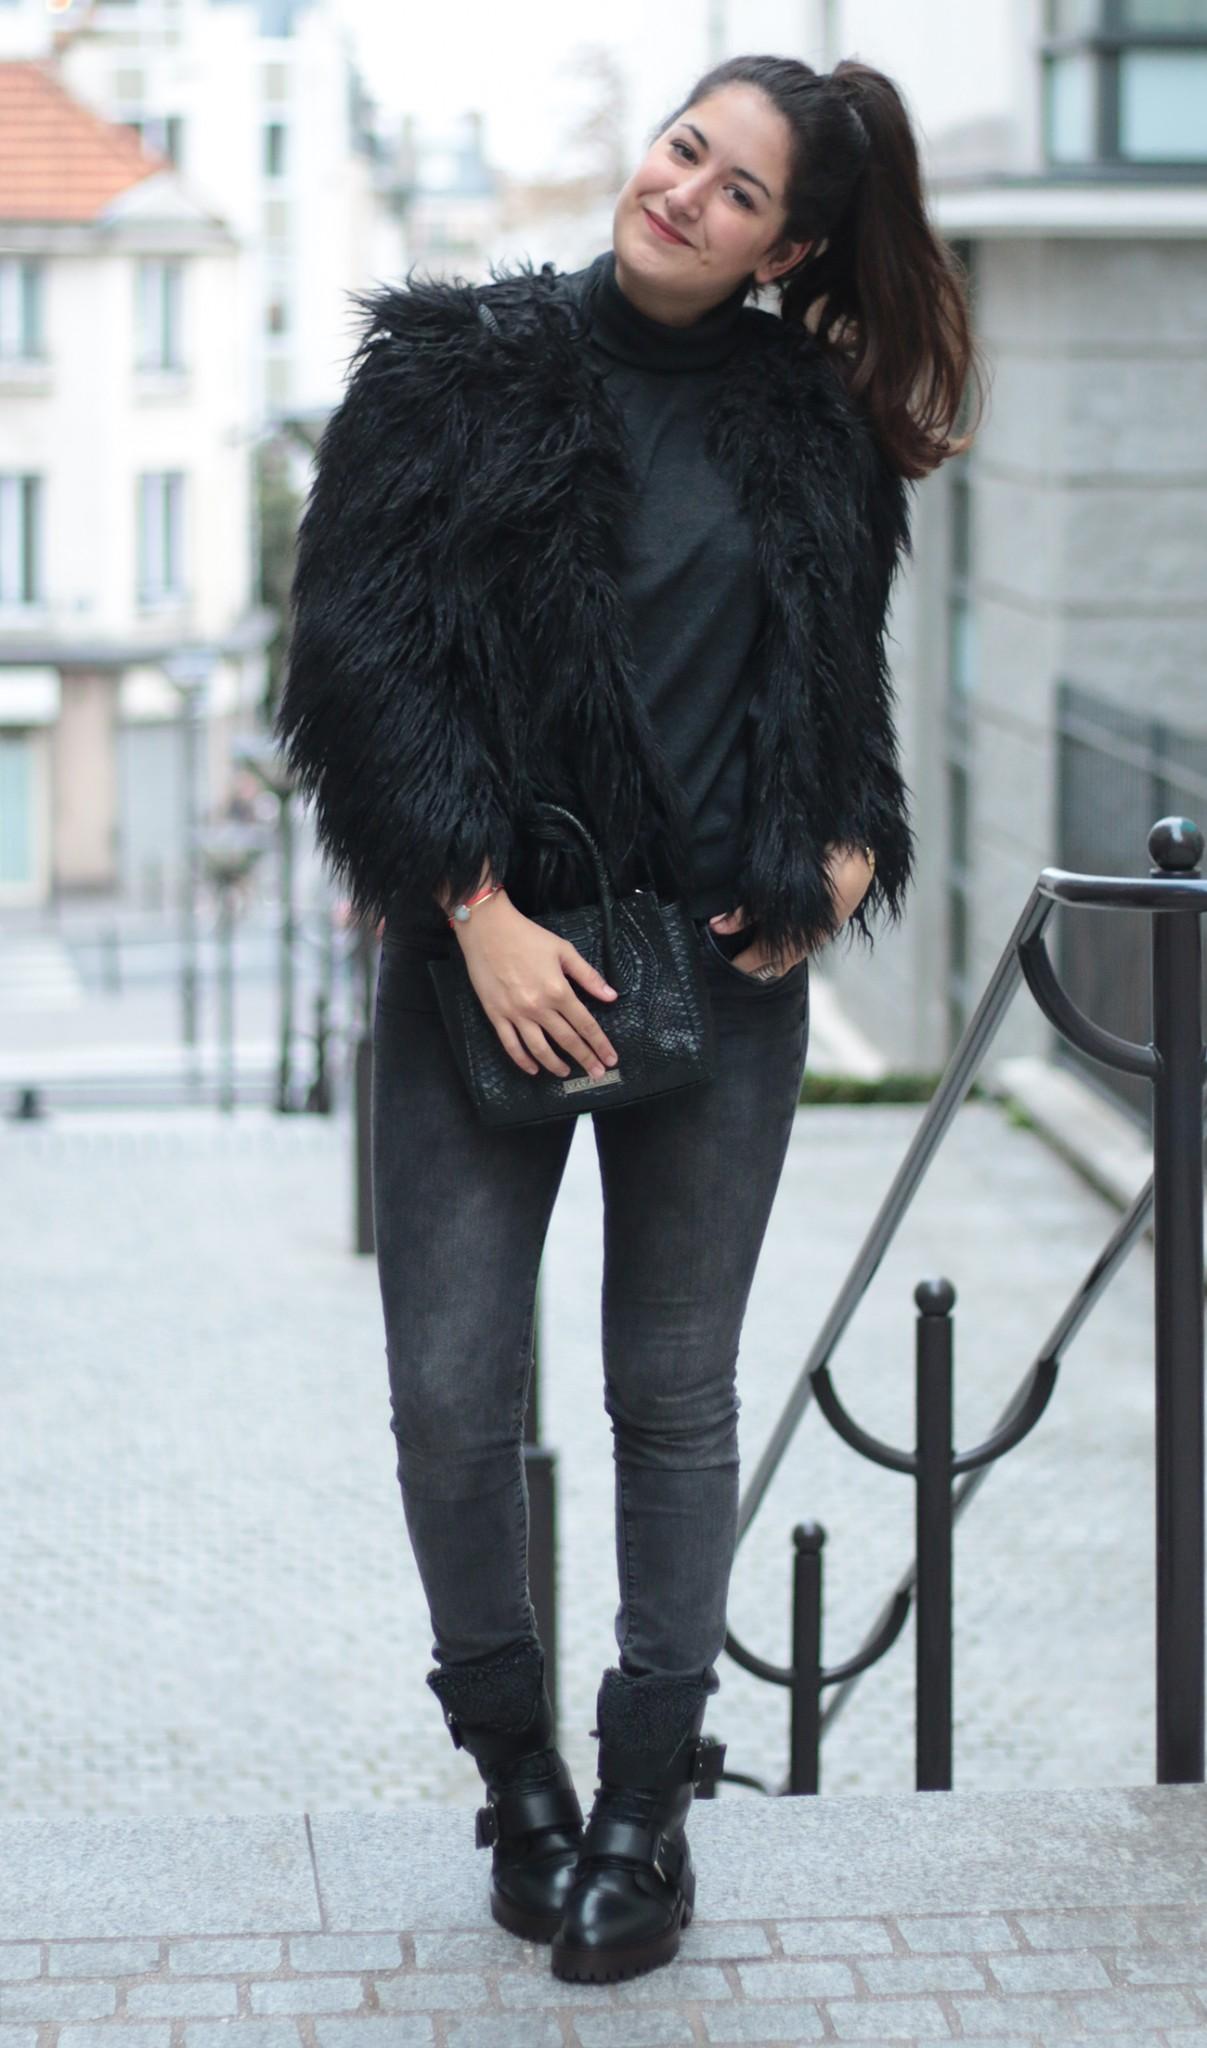 Mode femme manteau fourrure ♥ www.meganvlt.com